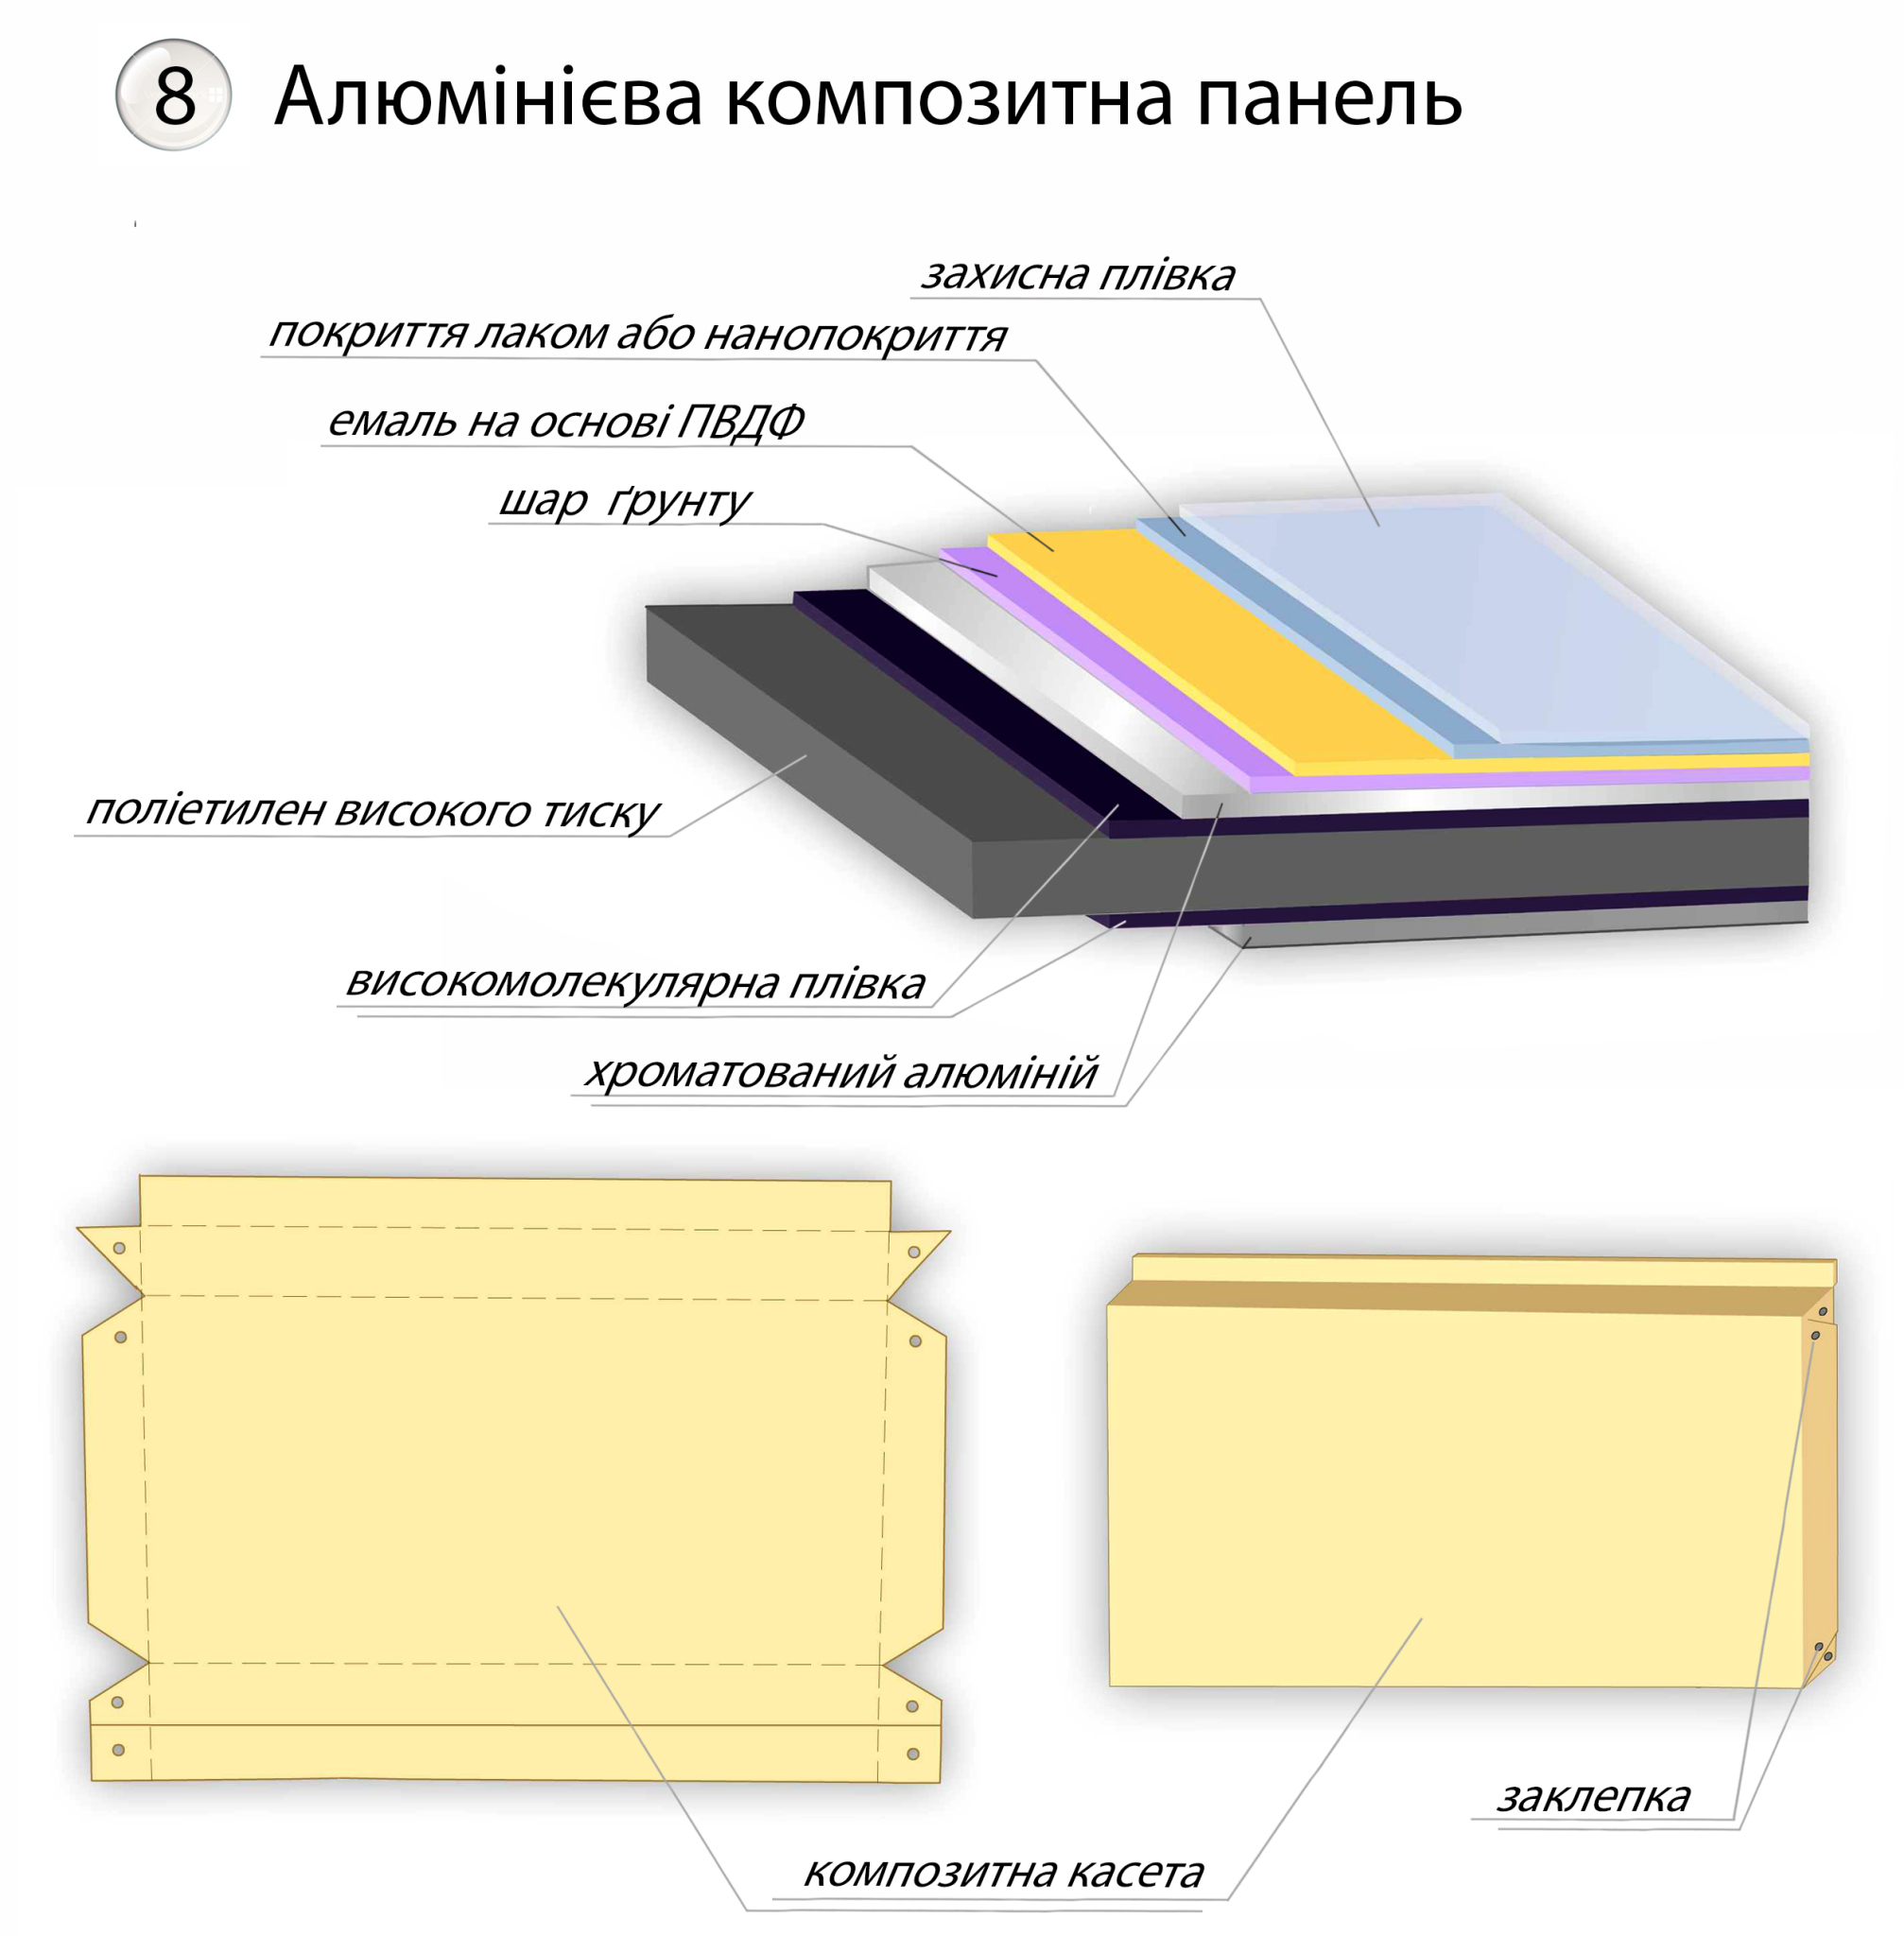 Алюмінієва композитна панель